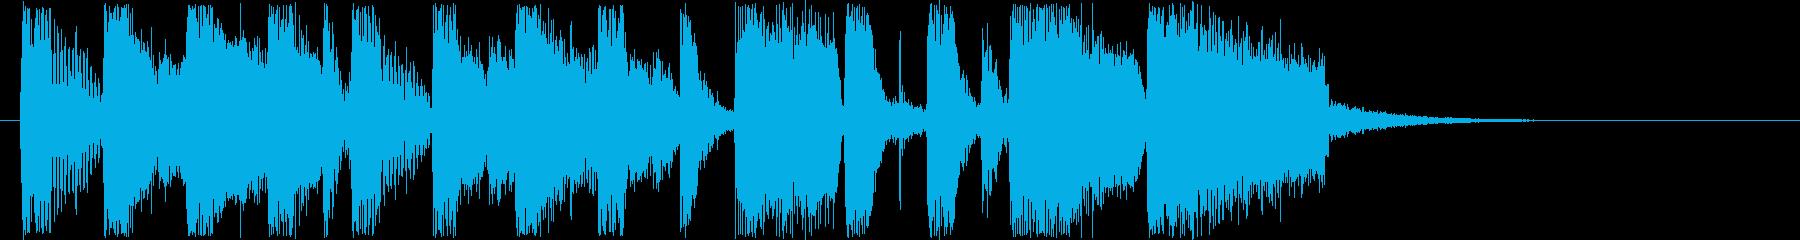 南国風のポップミュージックの再生済みの波形